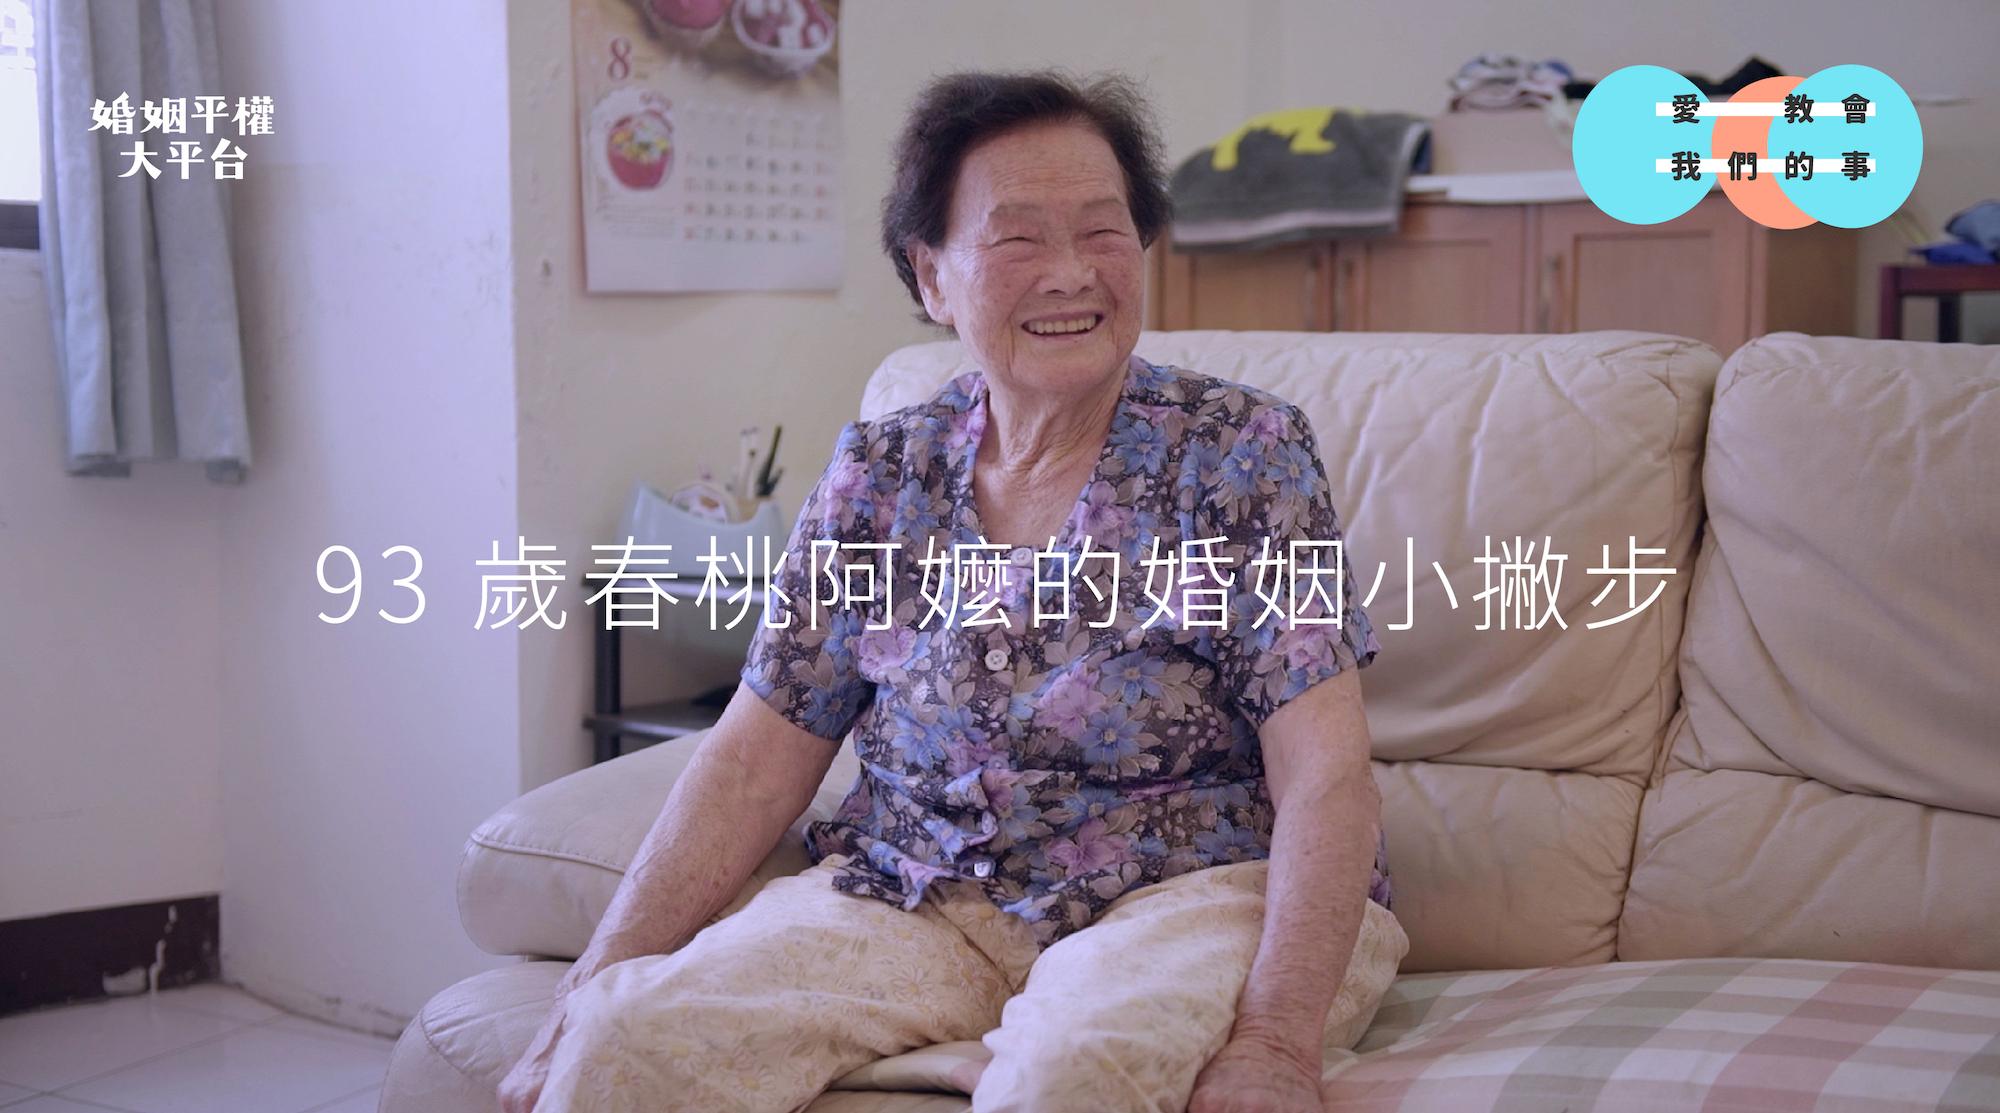 70多年從未吵過架,93歲春桃阿嬤的婚姻小撇步